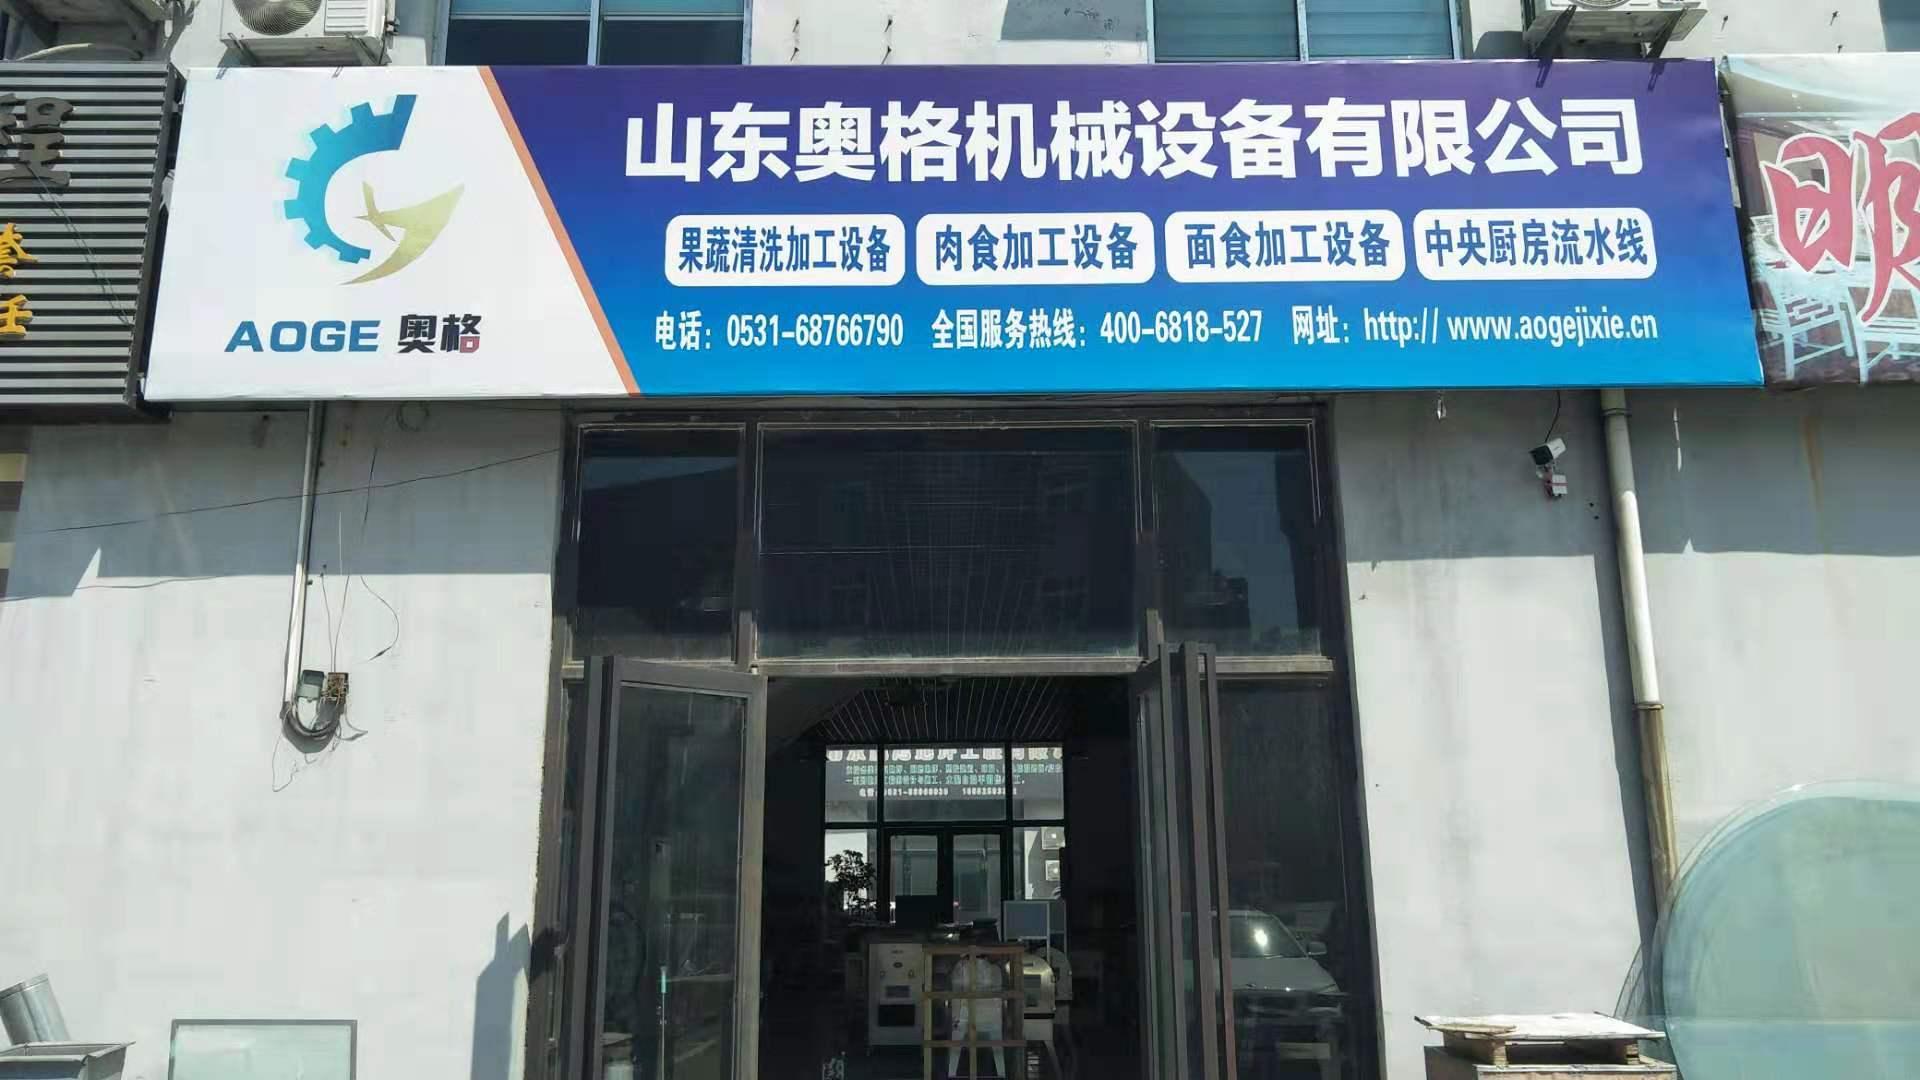 山东奥格机械设备有限公司